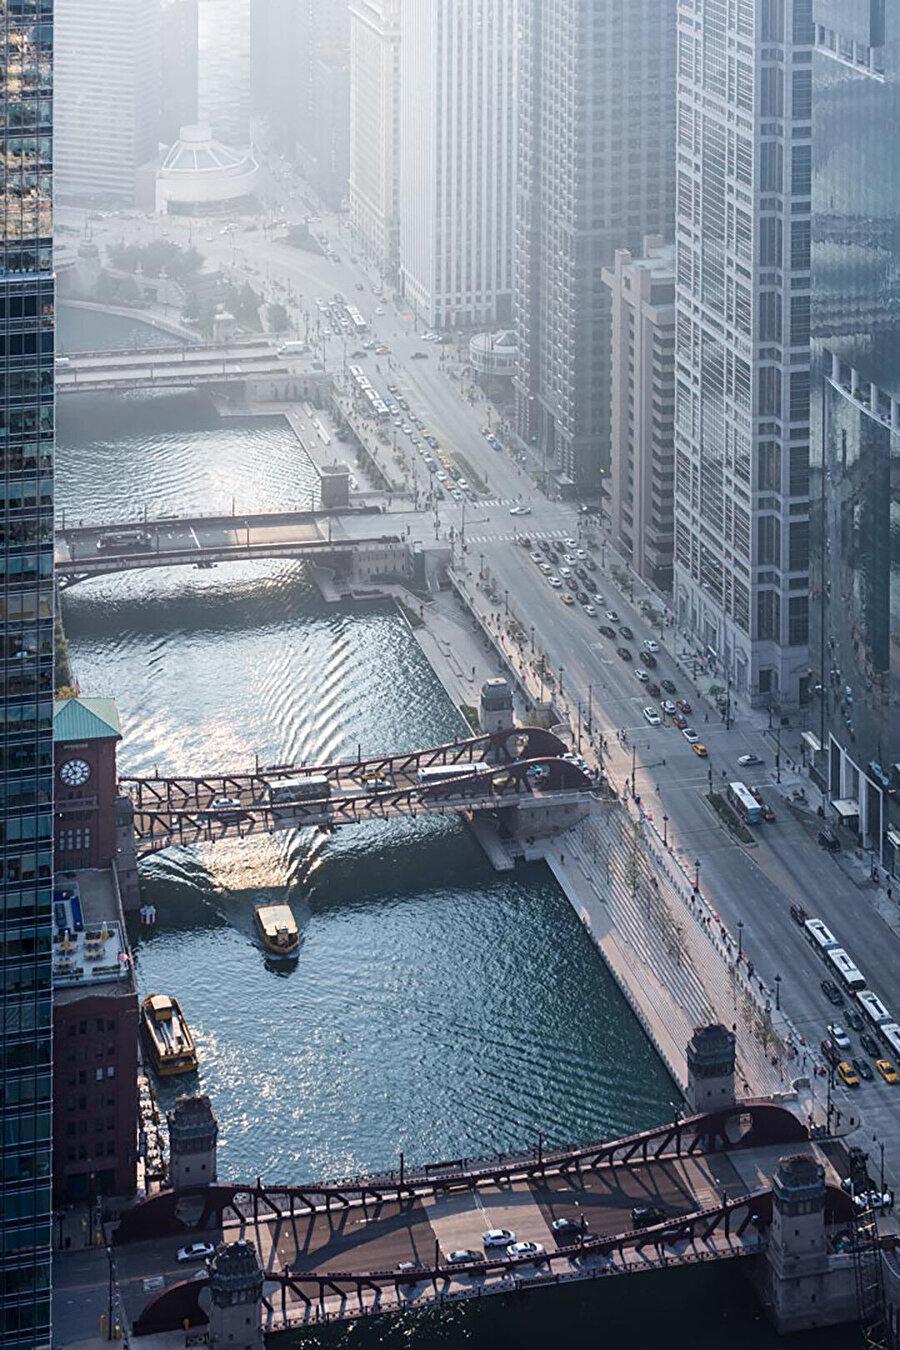 Riverwalk, Chicago Nehri boyunca toplamda 800 metrelik yeni kentsel bir alan sunuyor.